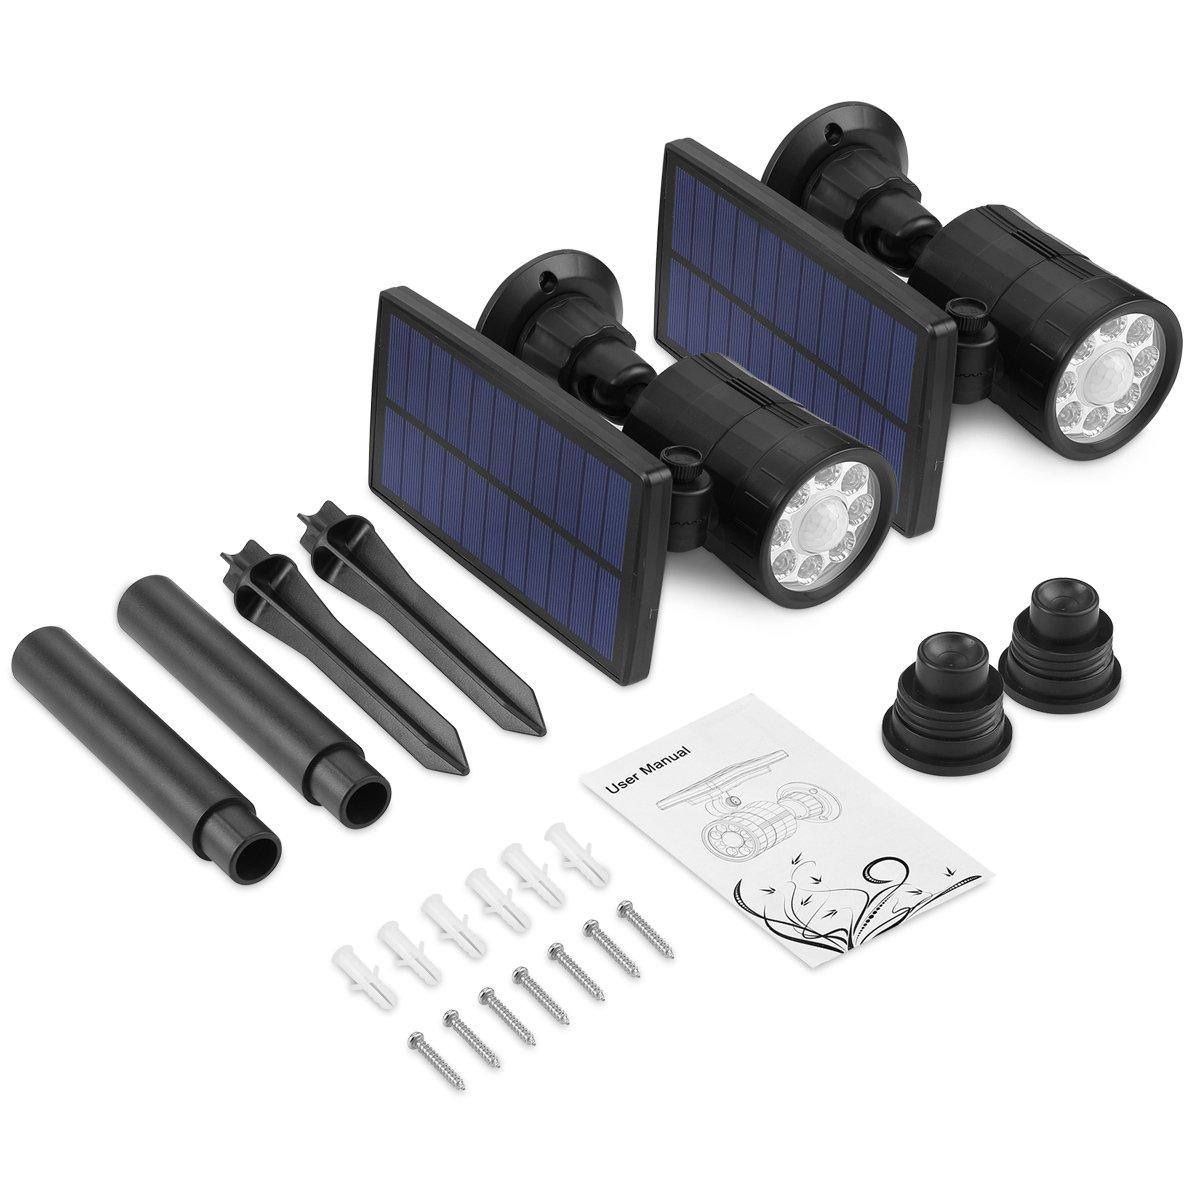 Luminaire Exterieur Eclairage Solaires de S/écurit/é Projecteurs Patio 800 Lumens /Éclairage de S/écurit/é sans Fil pour Porch AMIR Chemin 2 Pack Lampe Solaire Detecteur de Mouvement Exterieur